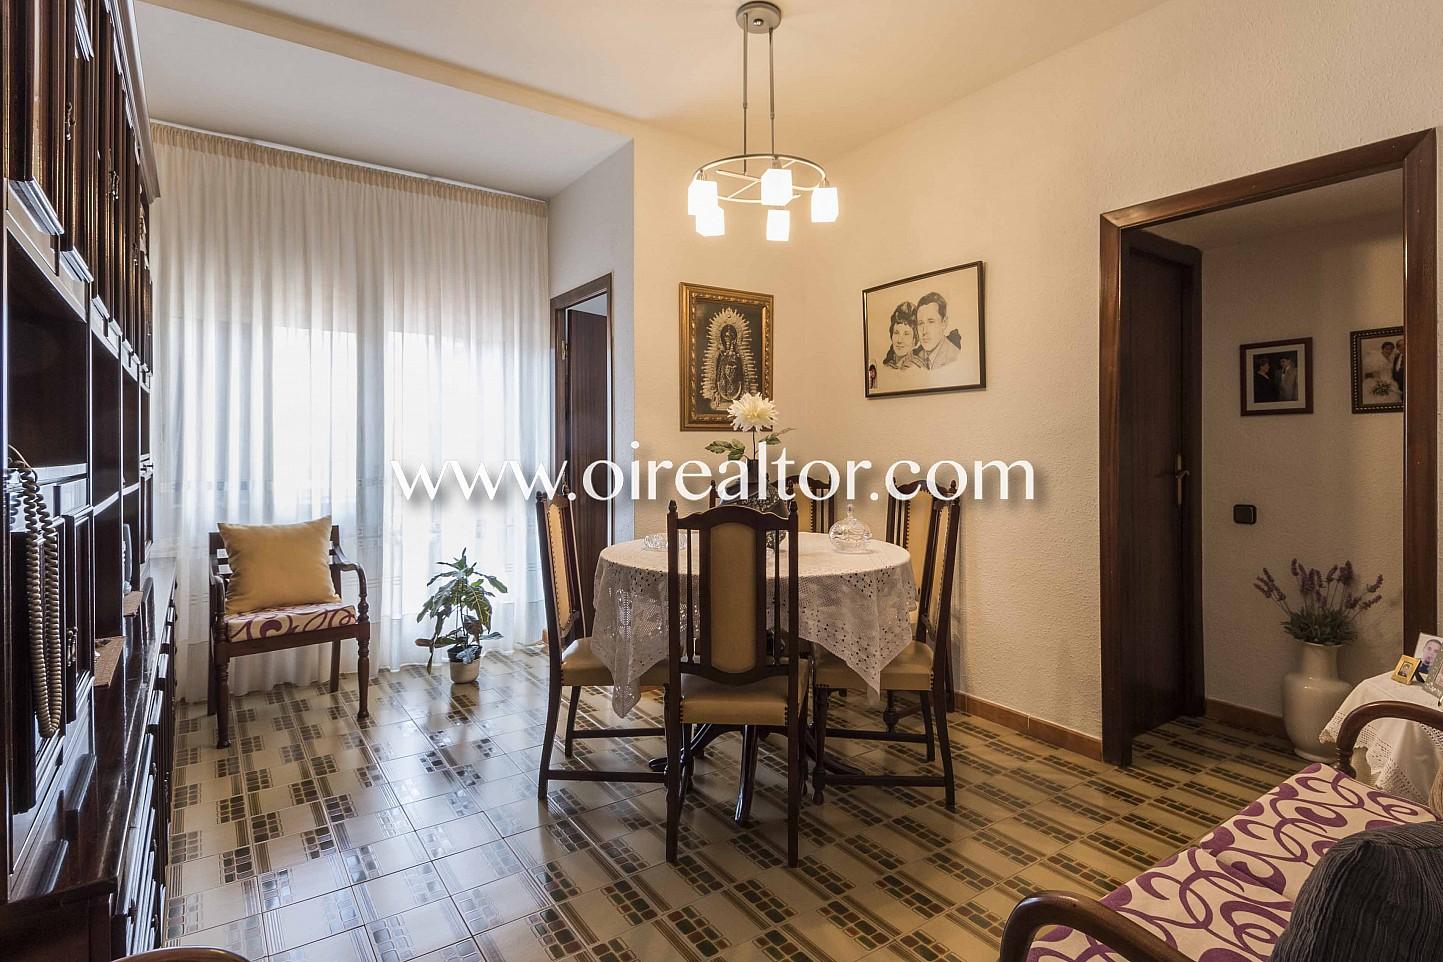 salón comedor, salón clásico, comedor clásico, suelos de mosaico, mosaico, mesa de comedor, terraza, balcón